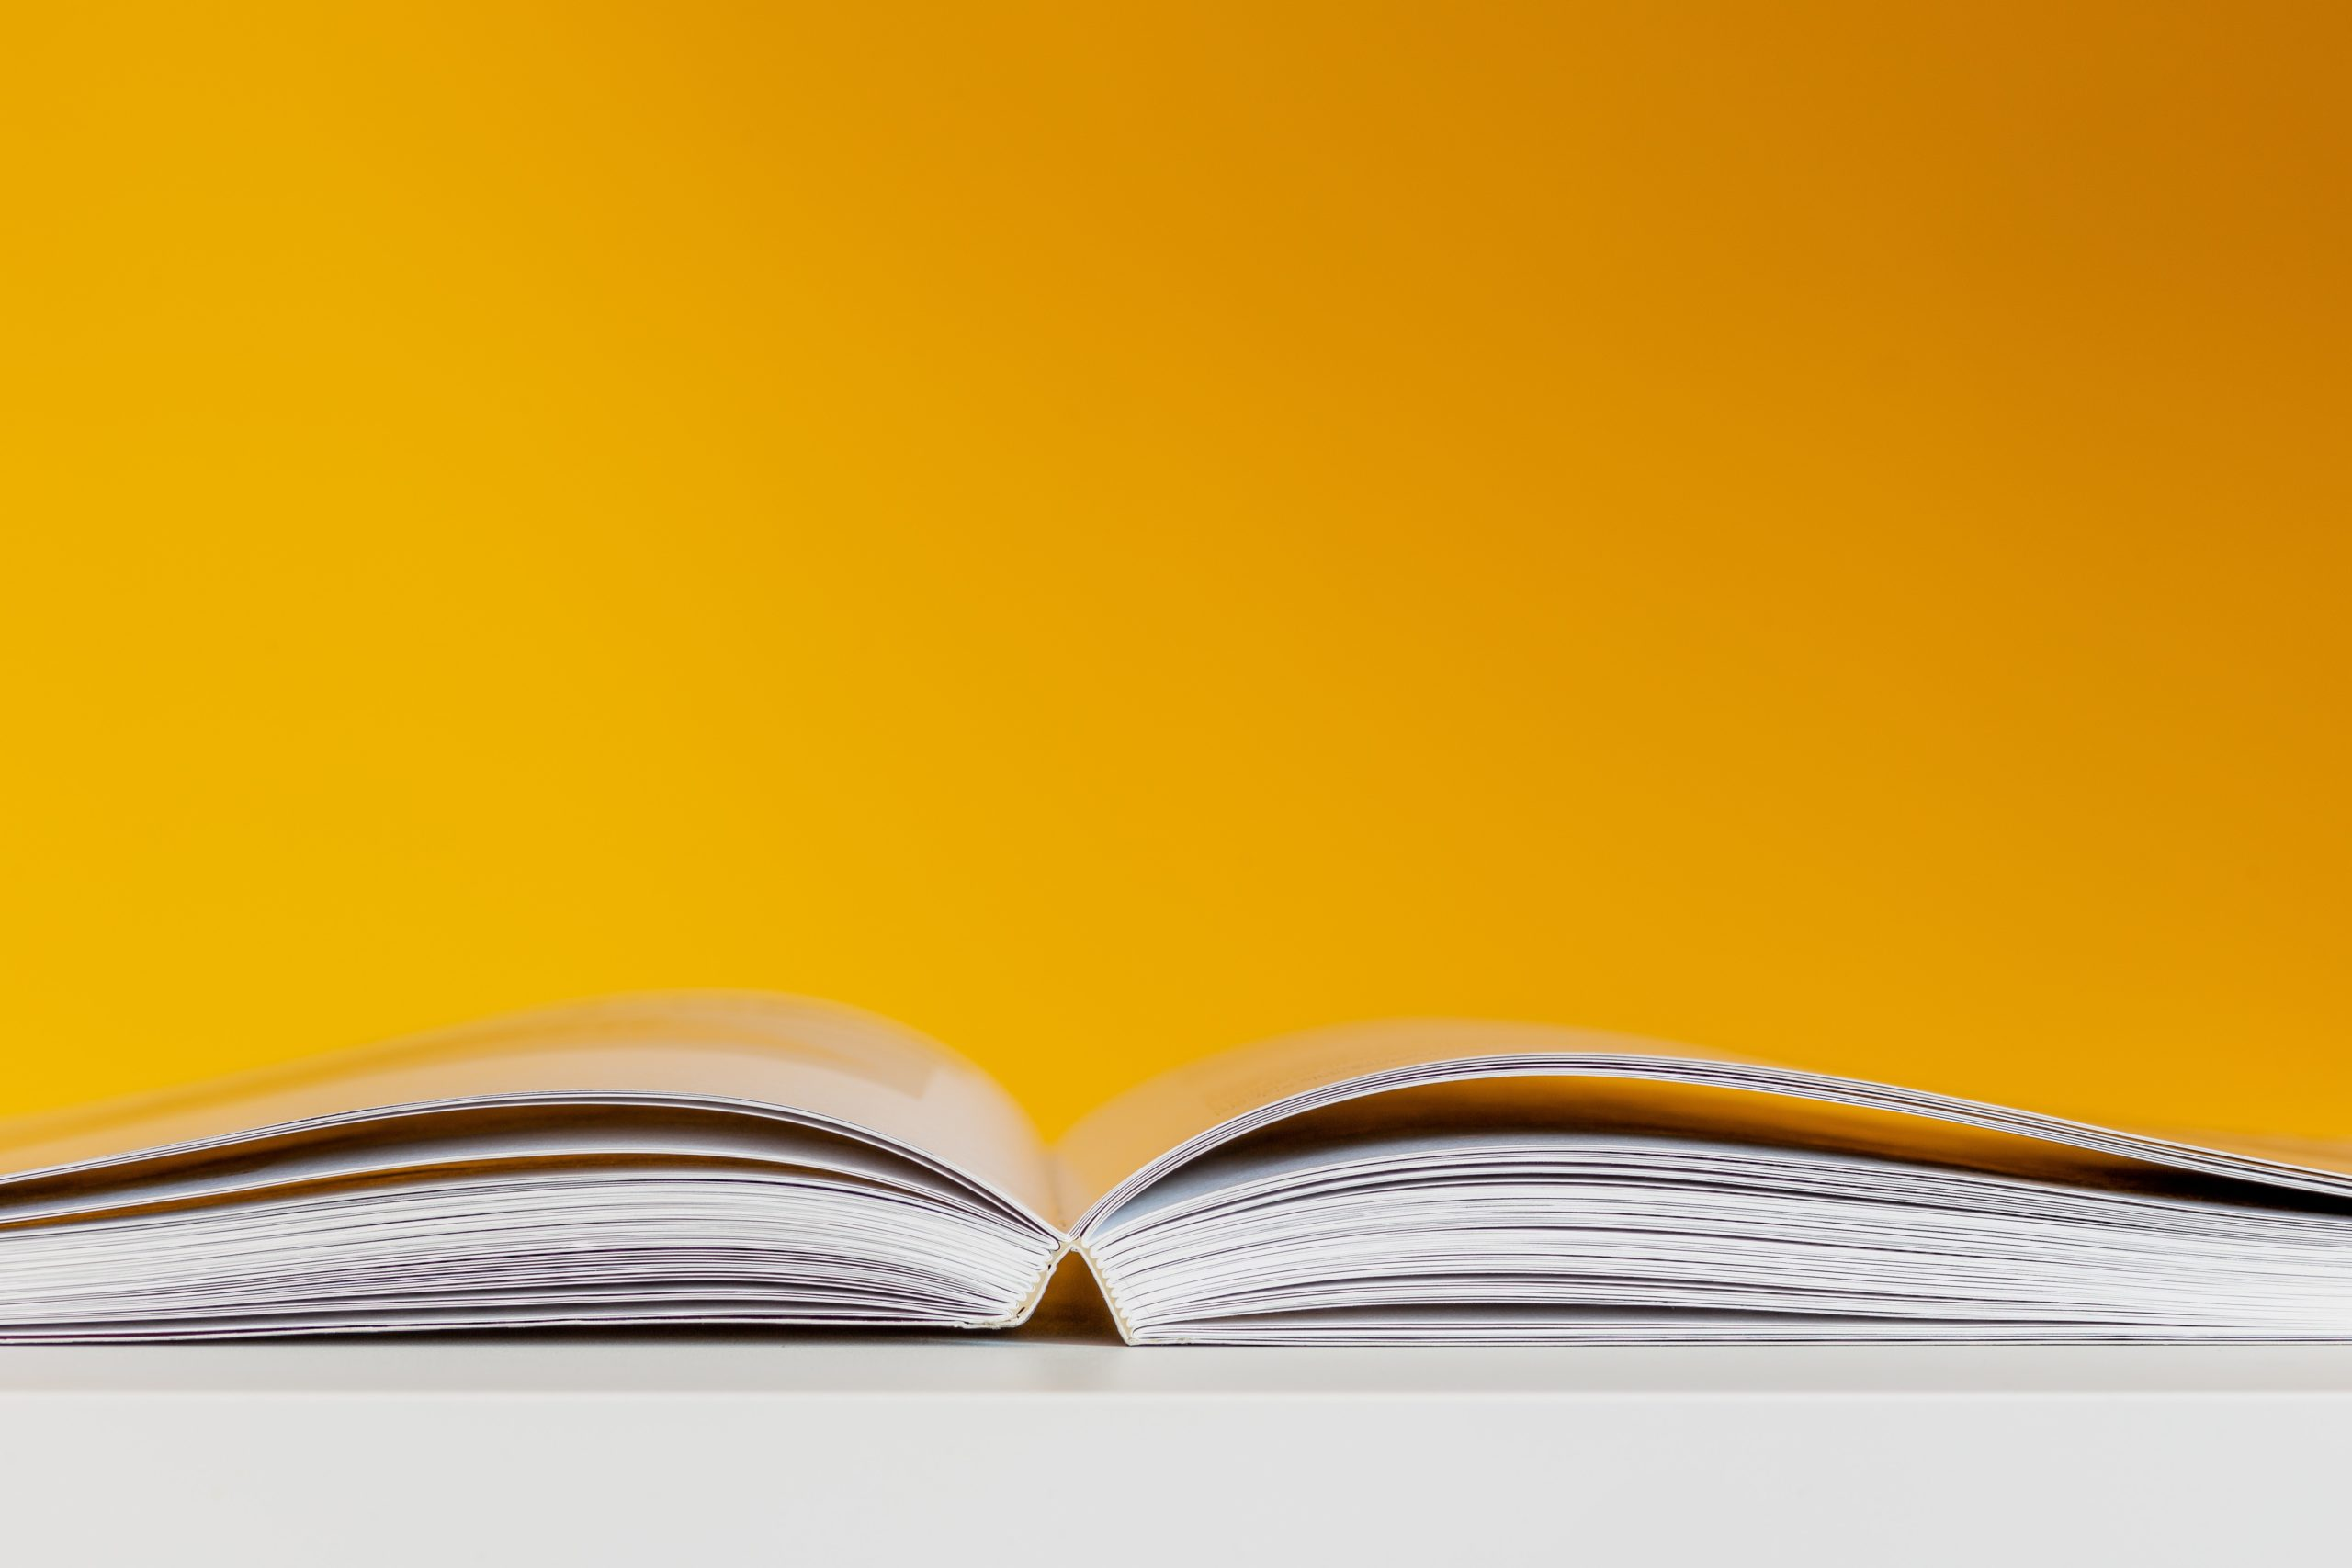 aufgeschlagenes Buch vor gelber Wand